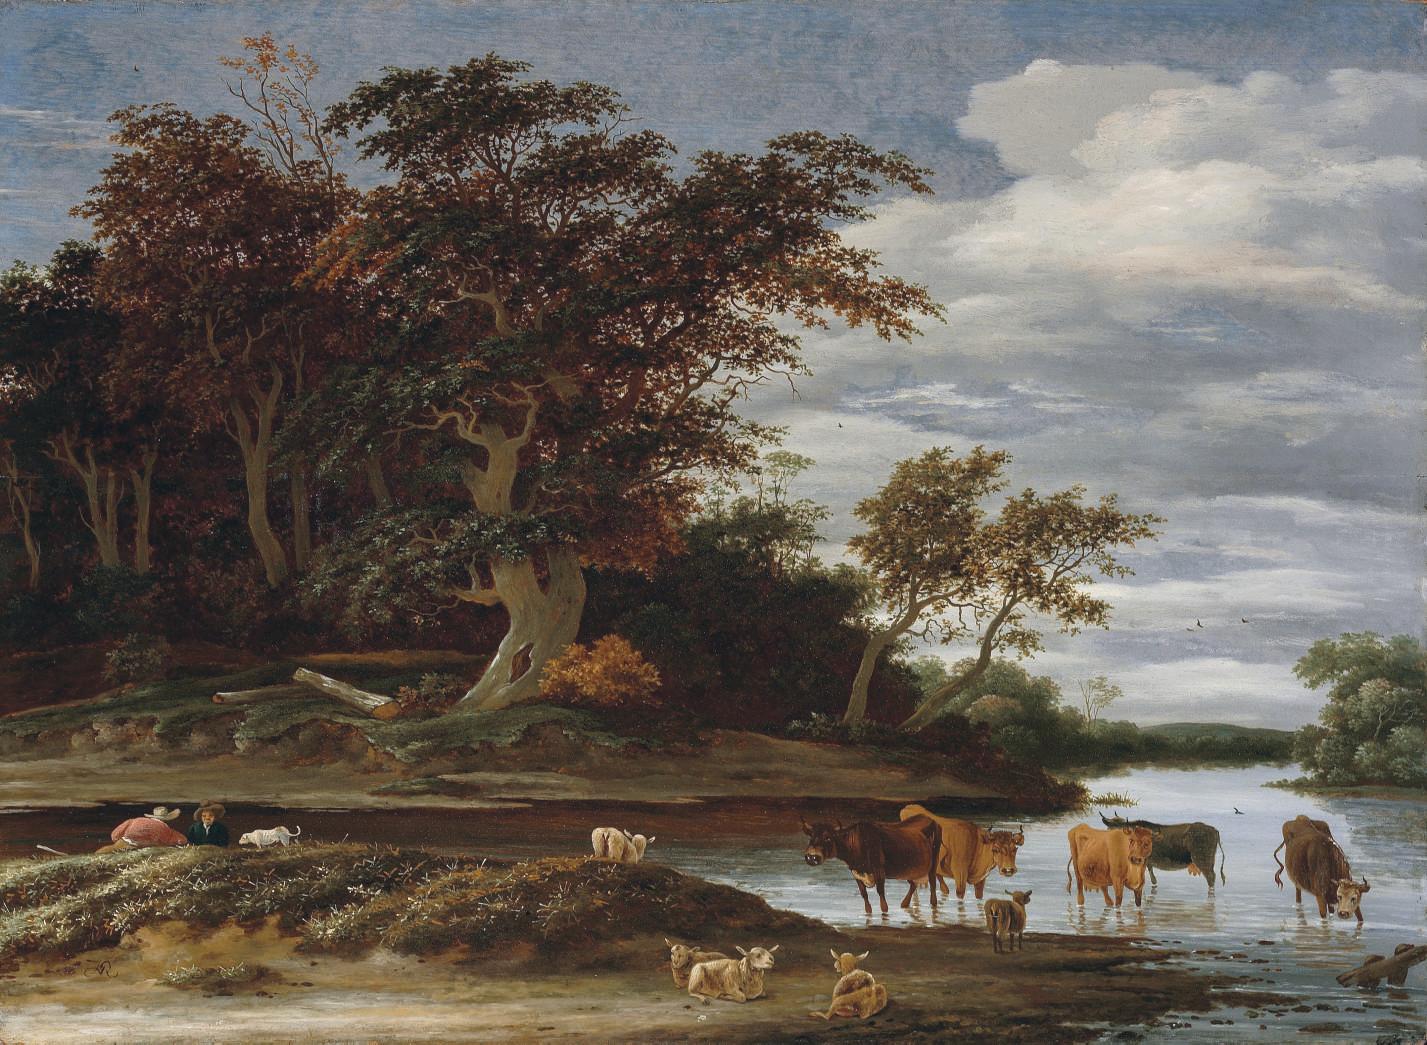 Jacob Salomonsz. van Ruysdael